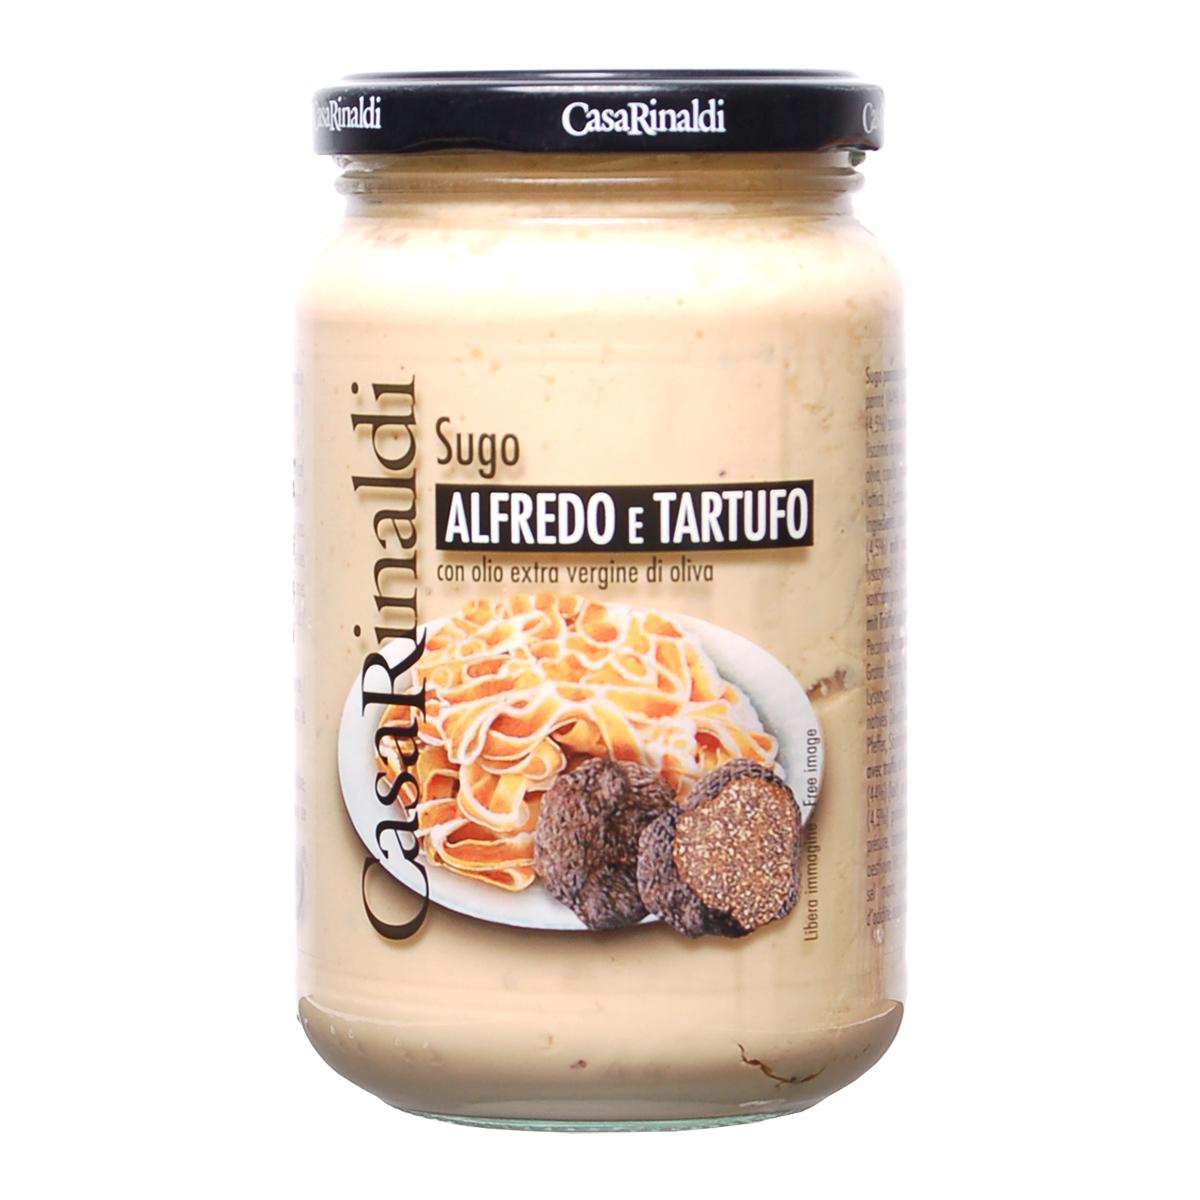 Соус сливочный Альфредо трюфелями Casa Rinaldi 340г